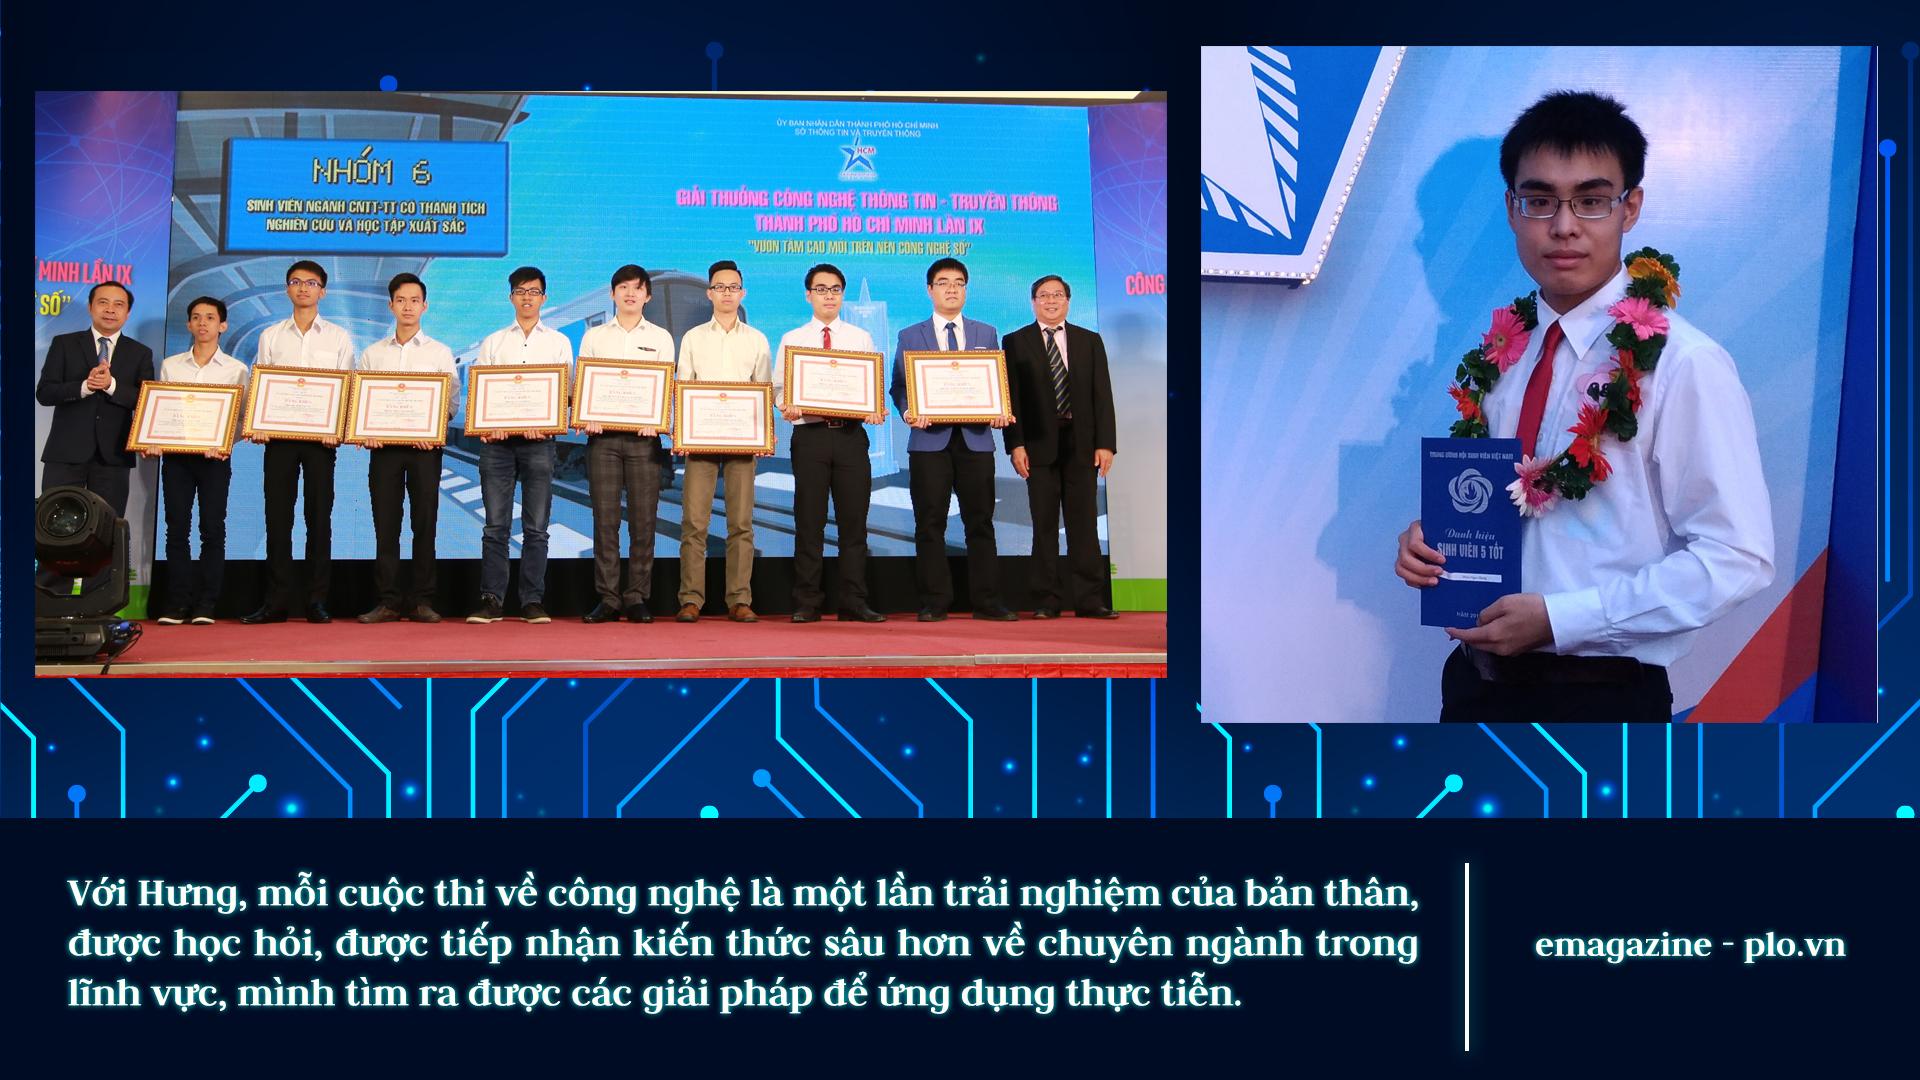 Nam thủ khoa và khát vọng 'người Việt dùng công nghệ Việt' - ảnh 5